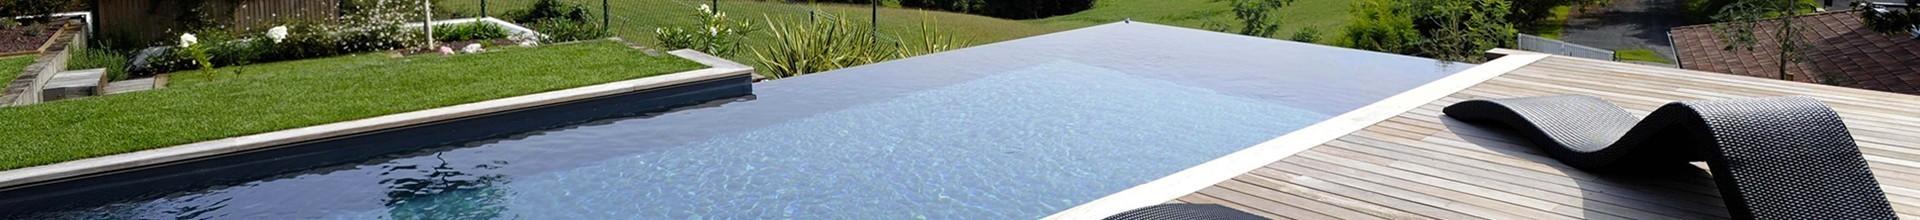 Mayenne Pays de Loire nettoyage d'une piscine en béton